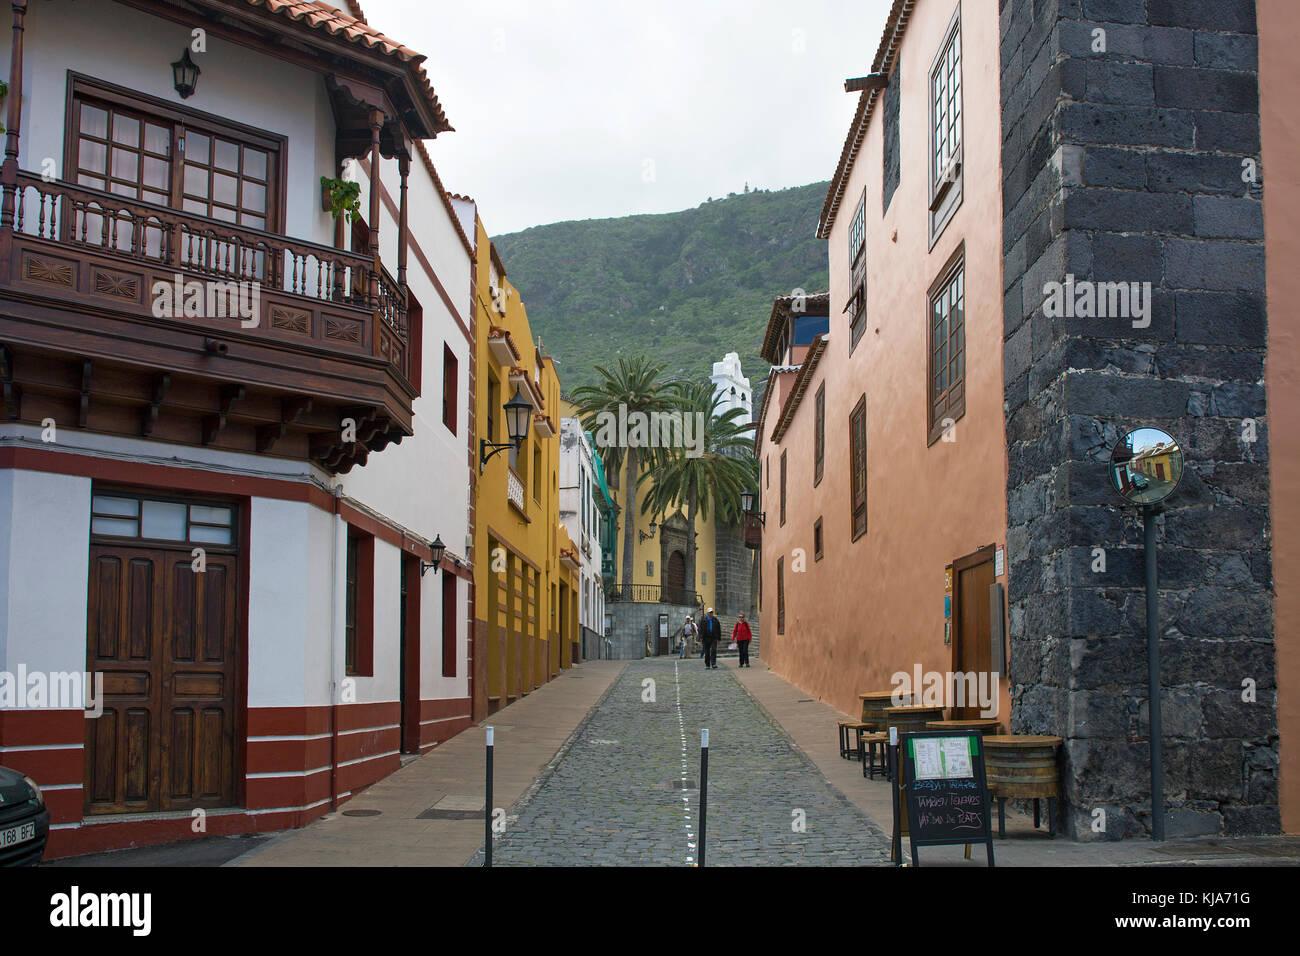 Típicas casas canarias en la aldea garachico,de la isla de Tenerife, Islas Canarias, España Imagen De Stock